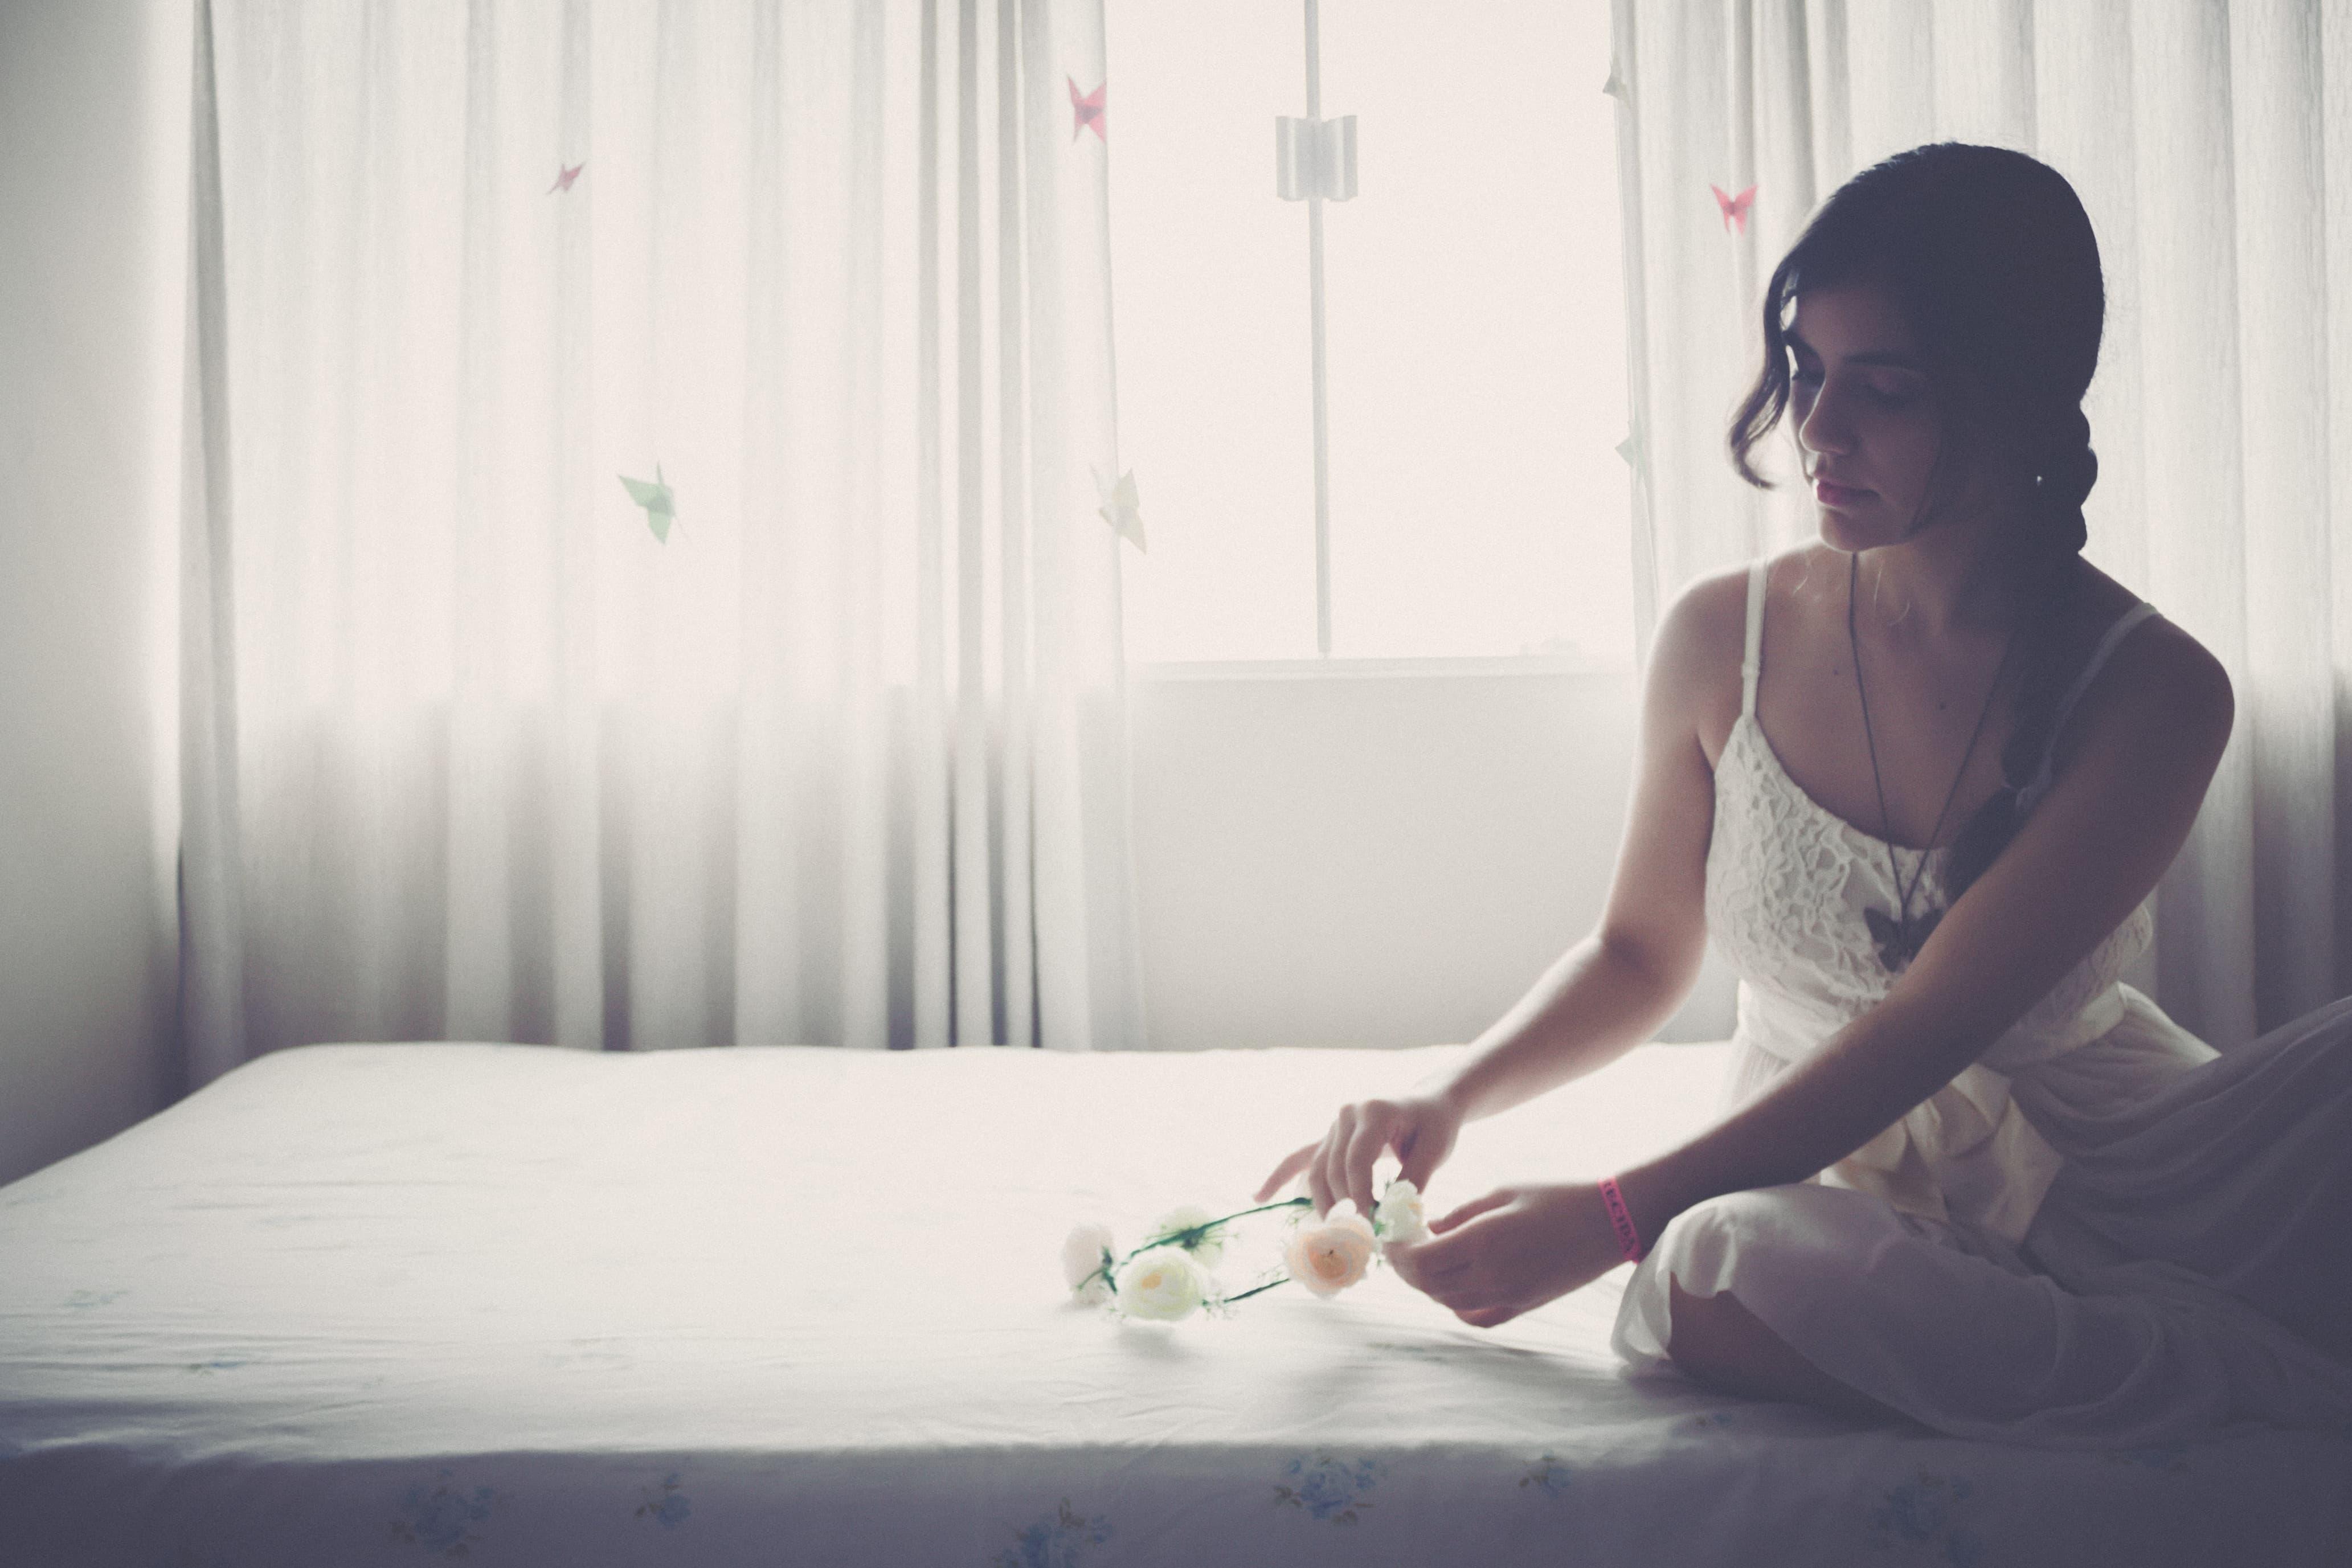 花を置く女性の画像